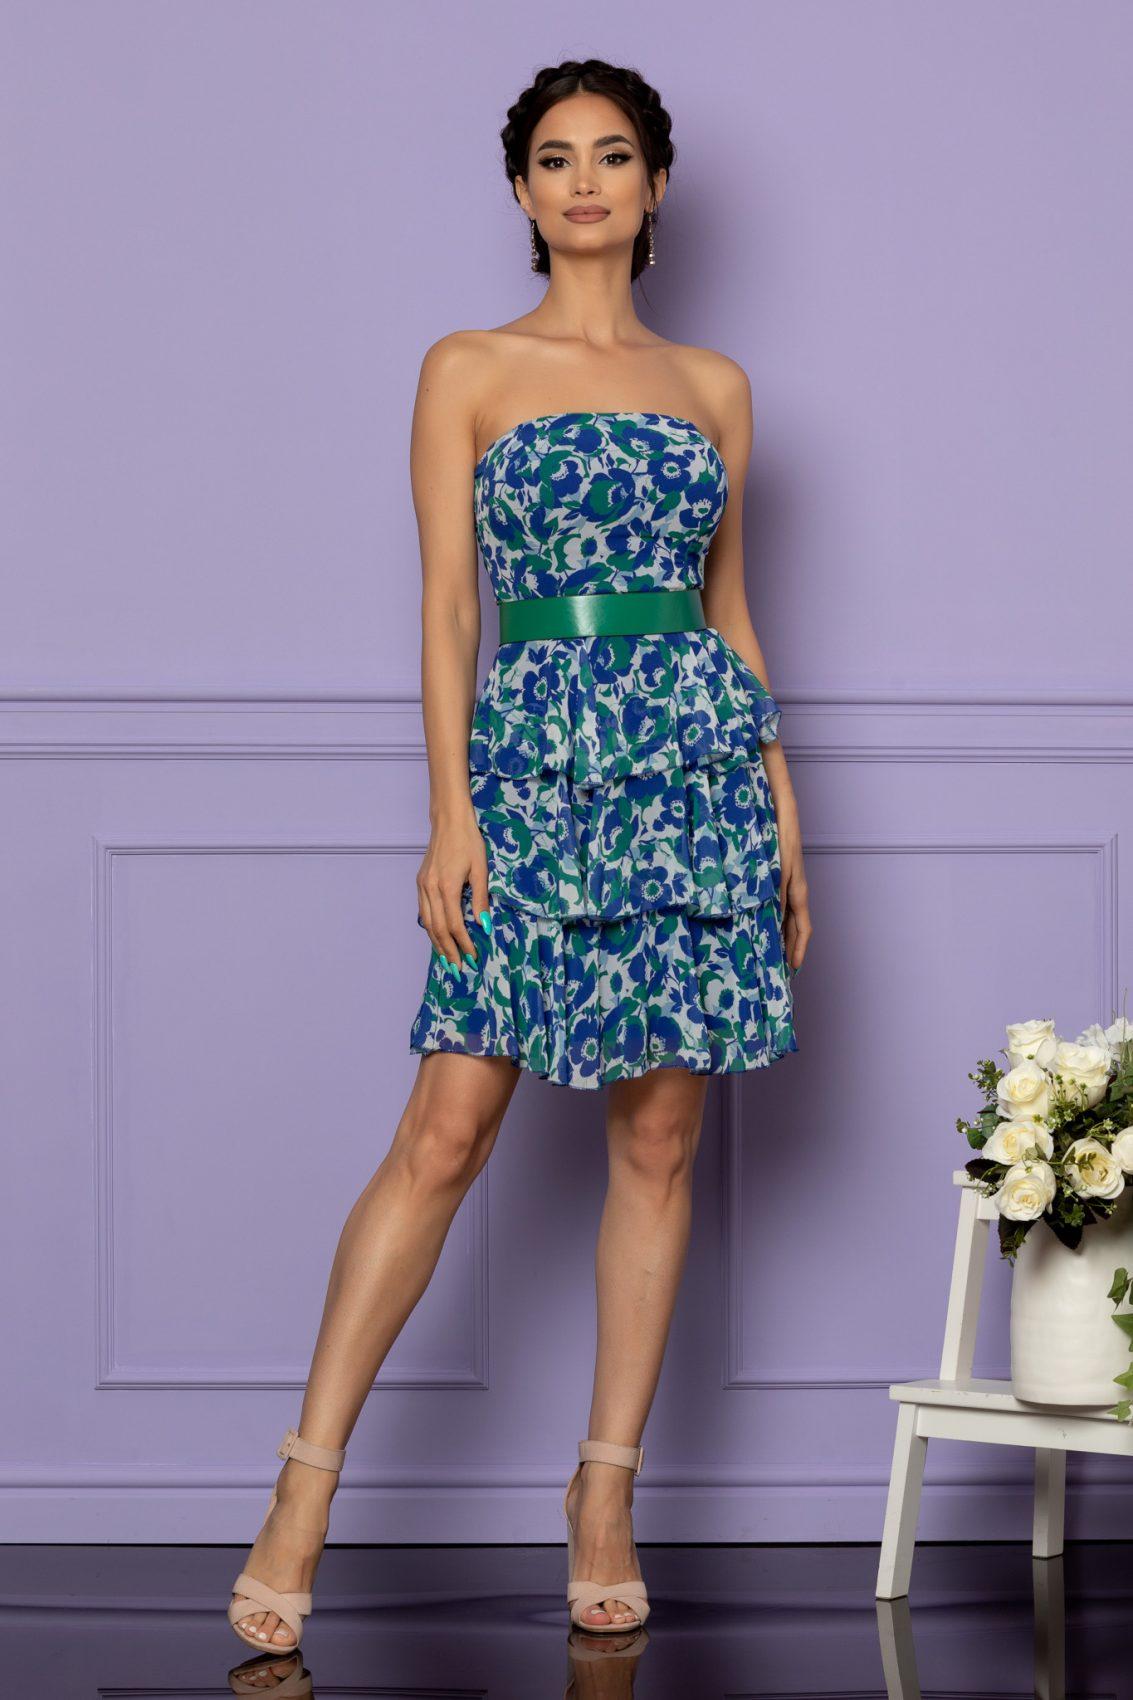 Μπλε Εμπριμέ Στράπλες Βραδινό Φόρεμα Anda A614 1